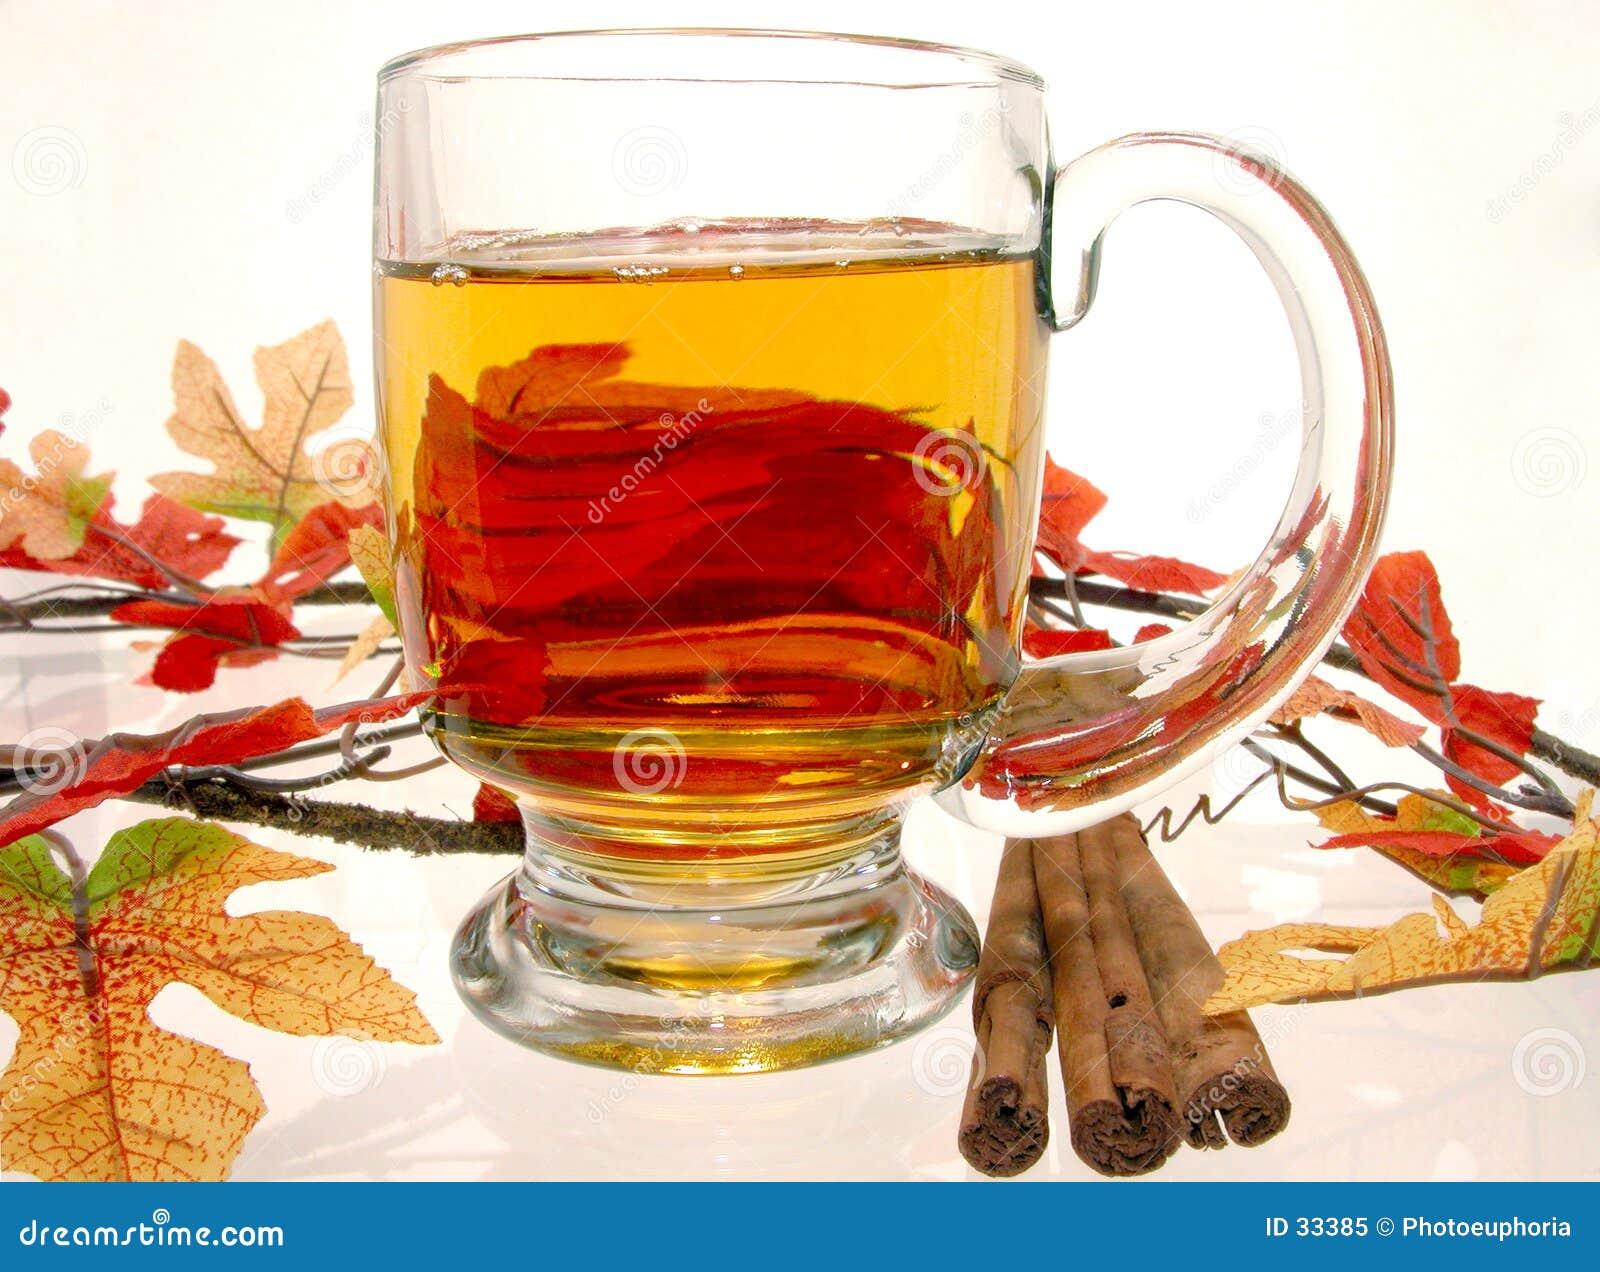 Food: Hot Apple Cider